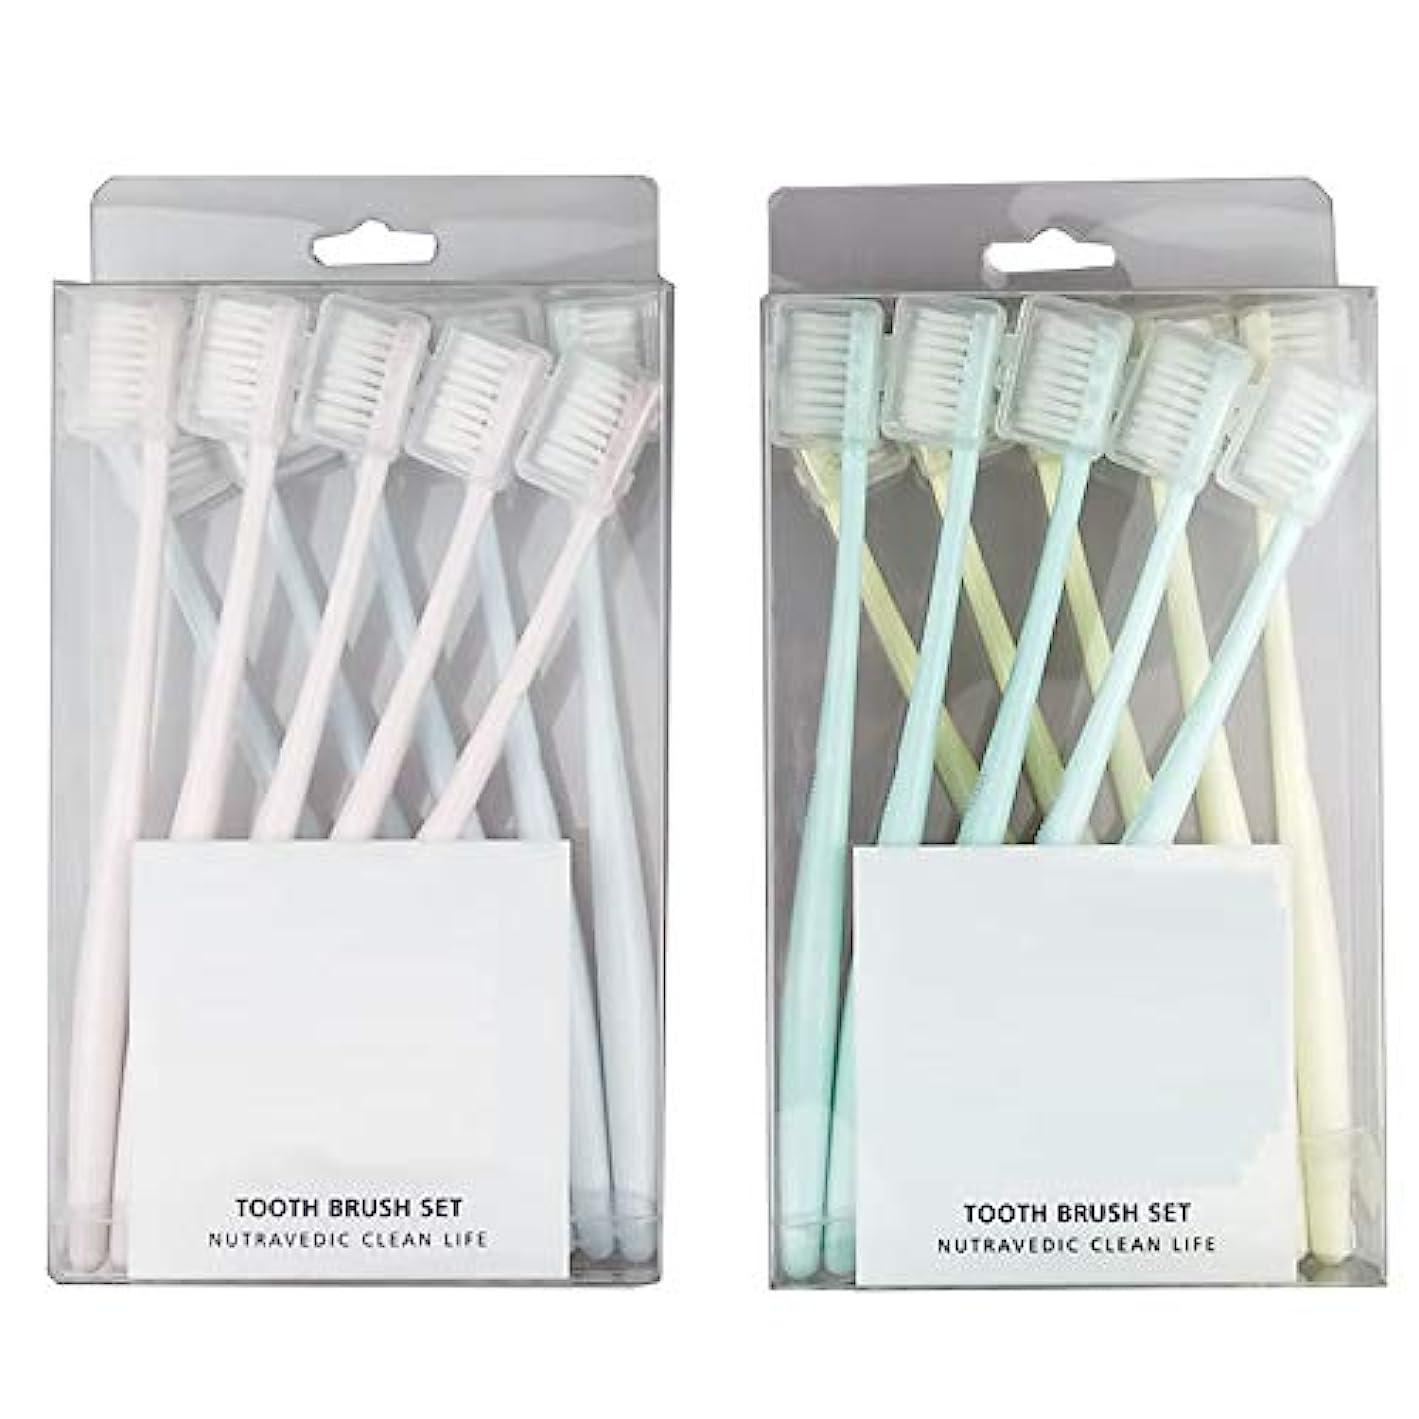 問題ループステッチ歯ブラシ 20スティック歯ブラシ、竹炭歯ブラシ、複合歯ブラシ、歯のホワイトニング - 使用可能なスタイルの2種類 HL (サイズ : B - 20 packs)